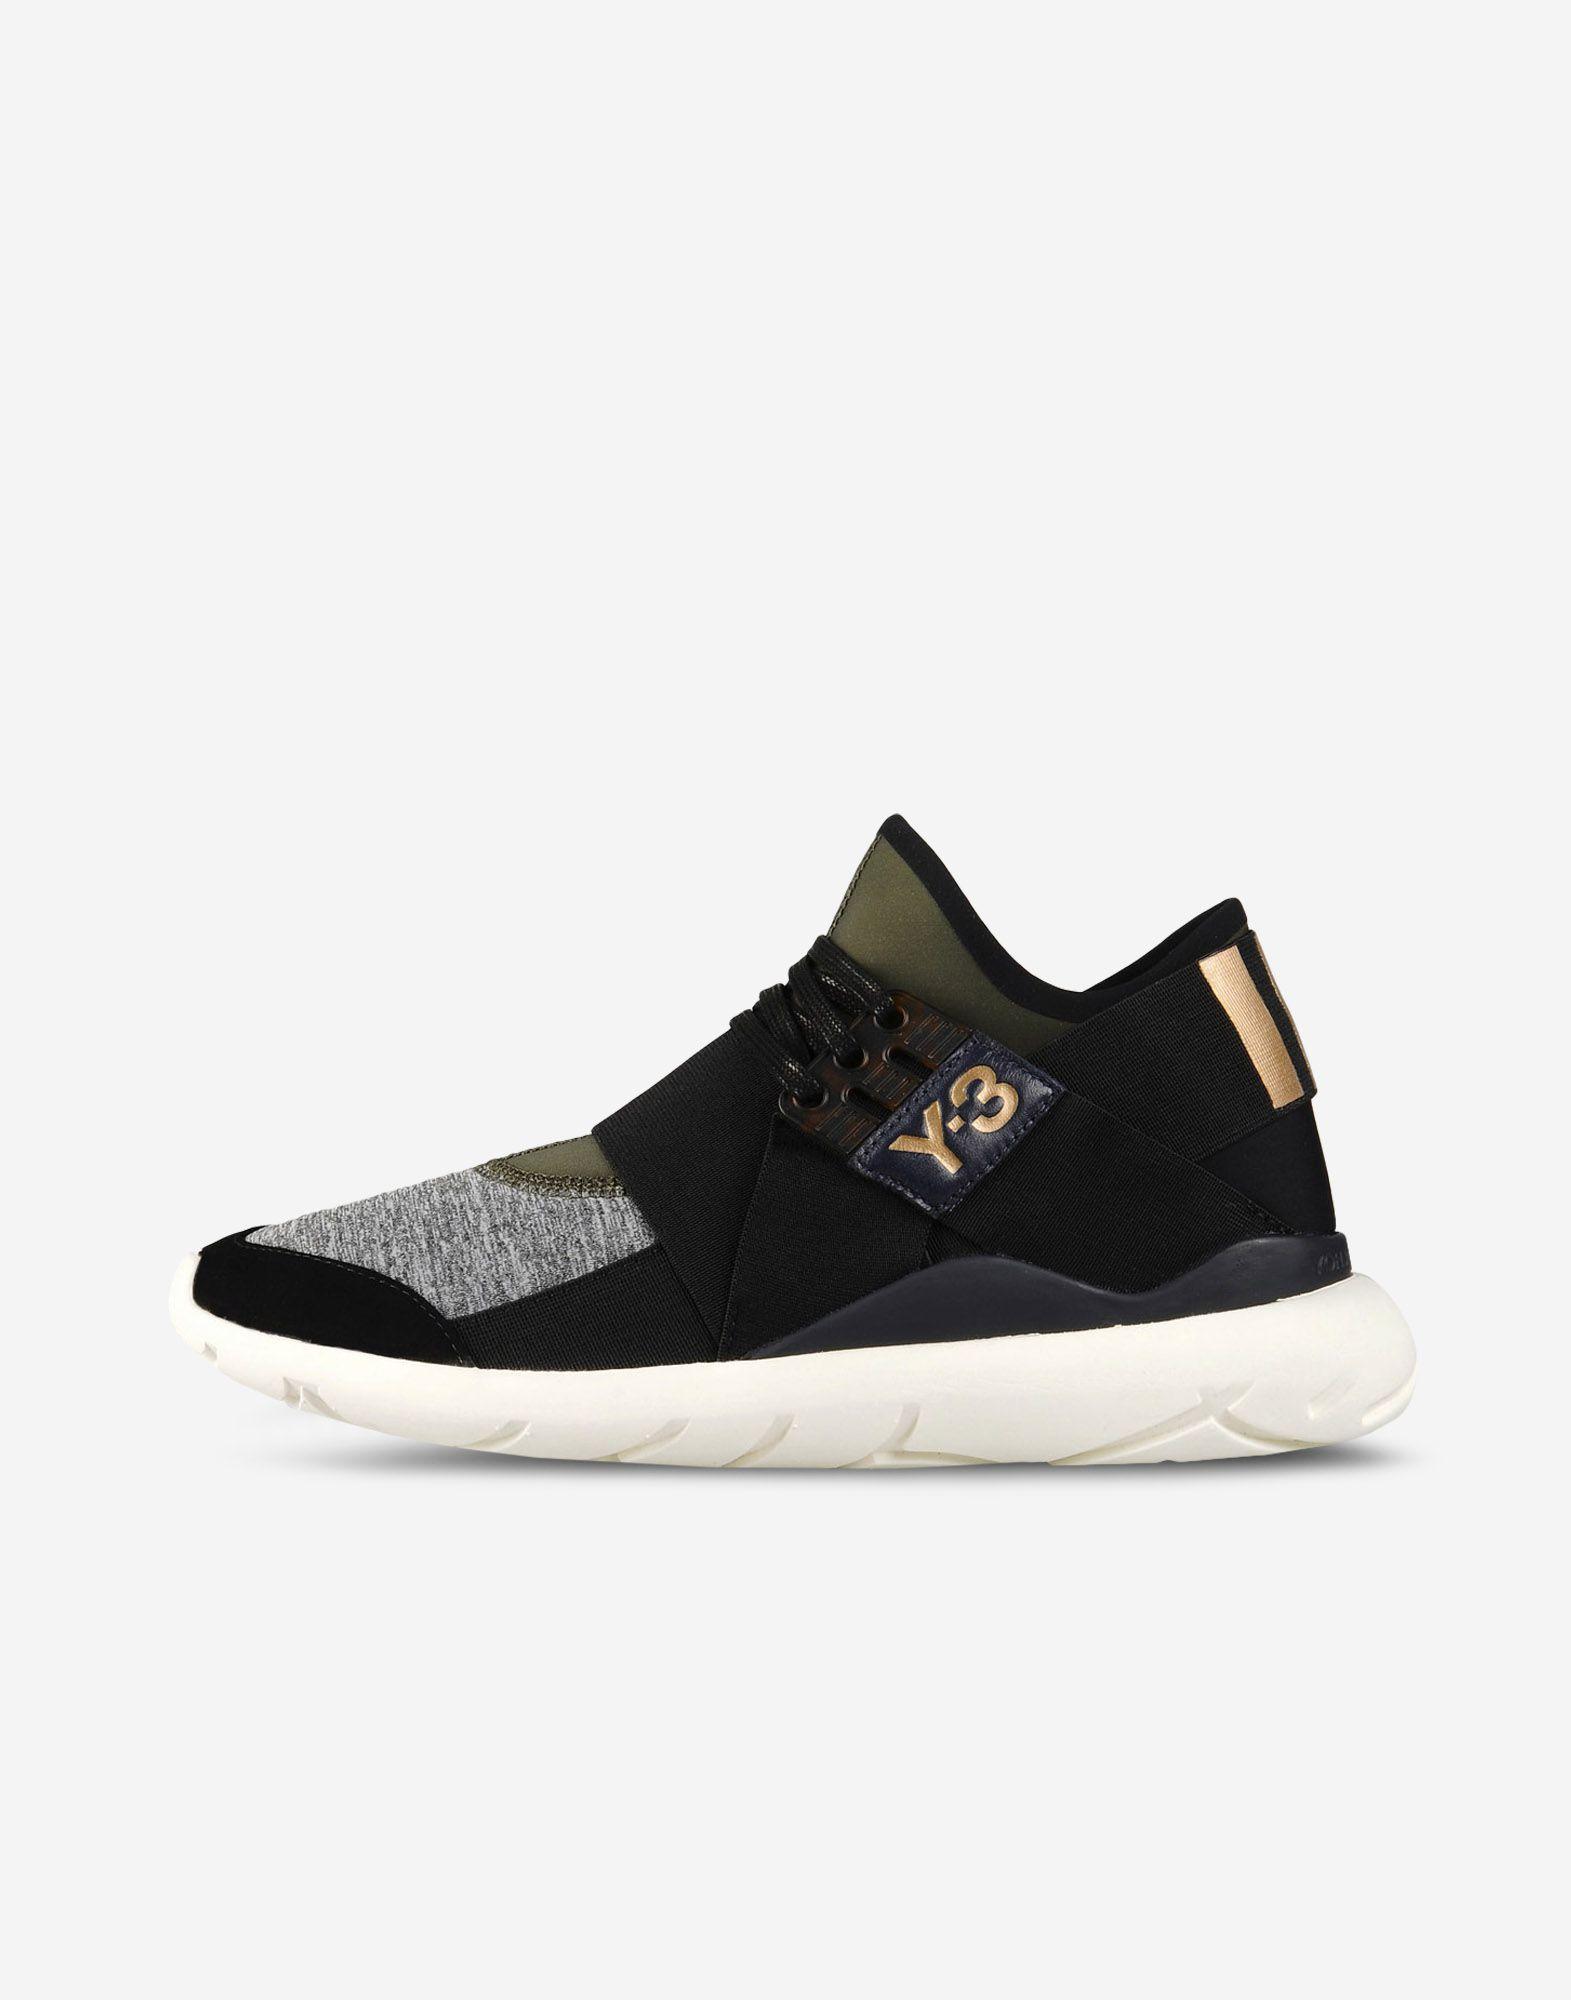 ... Y-3 Y-3 QASA ELLE LACE Sneakers Woman f ... f9f9e494f4